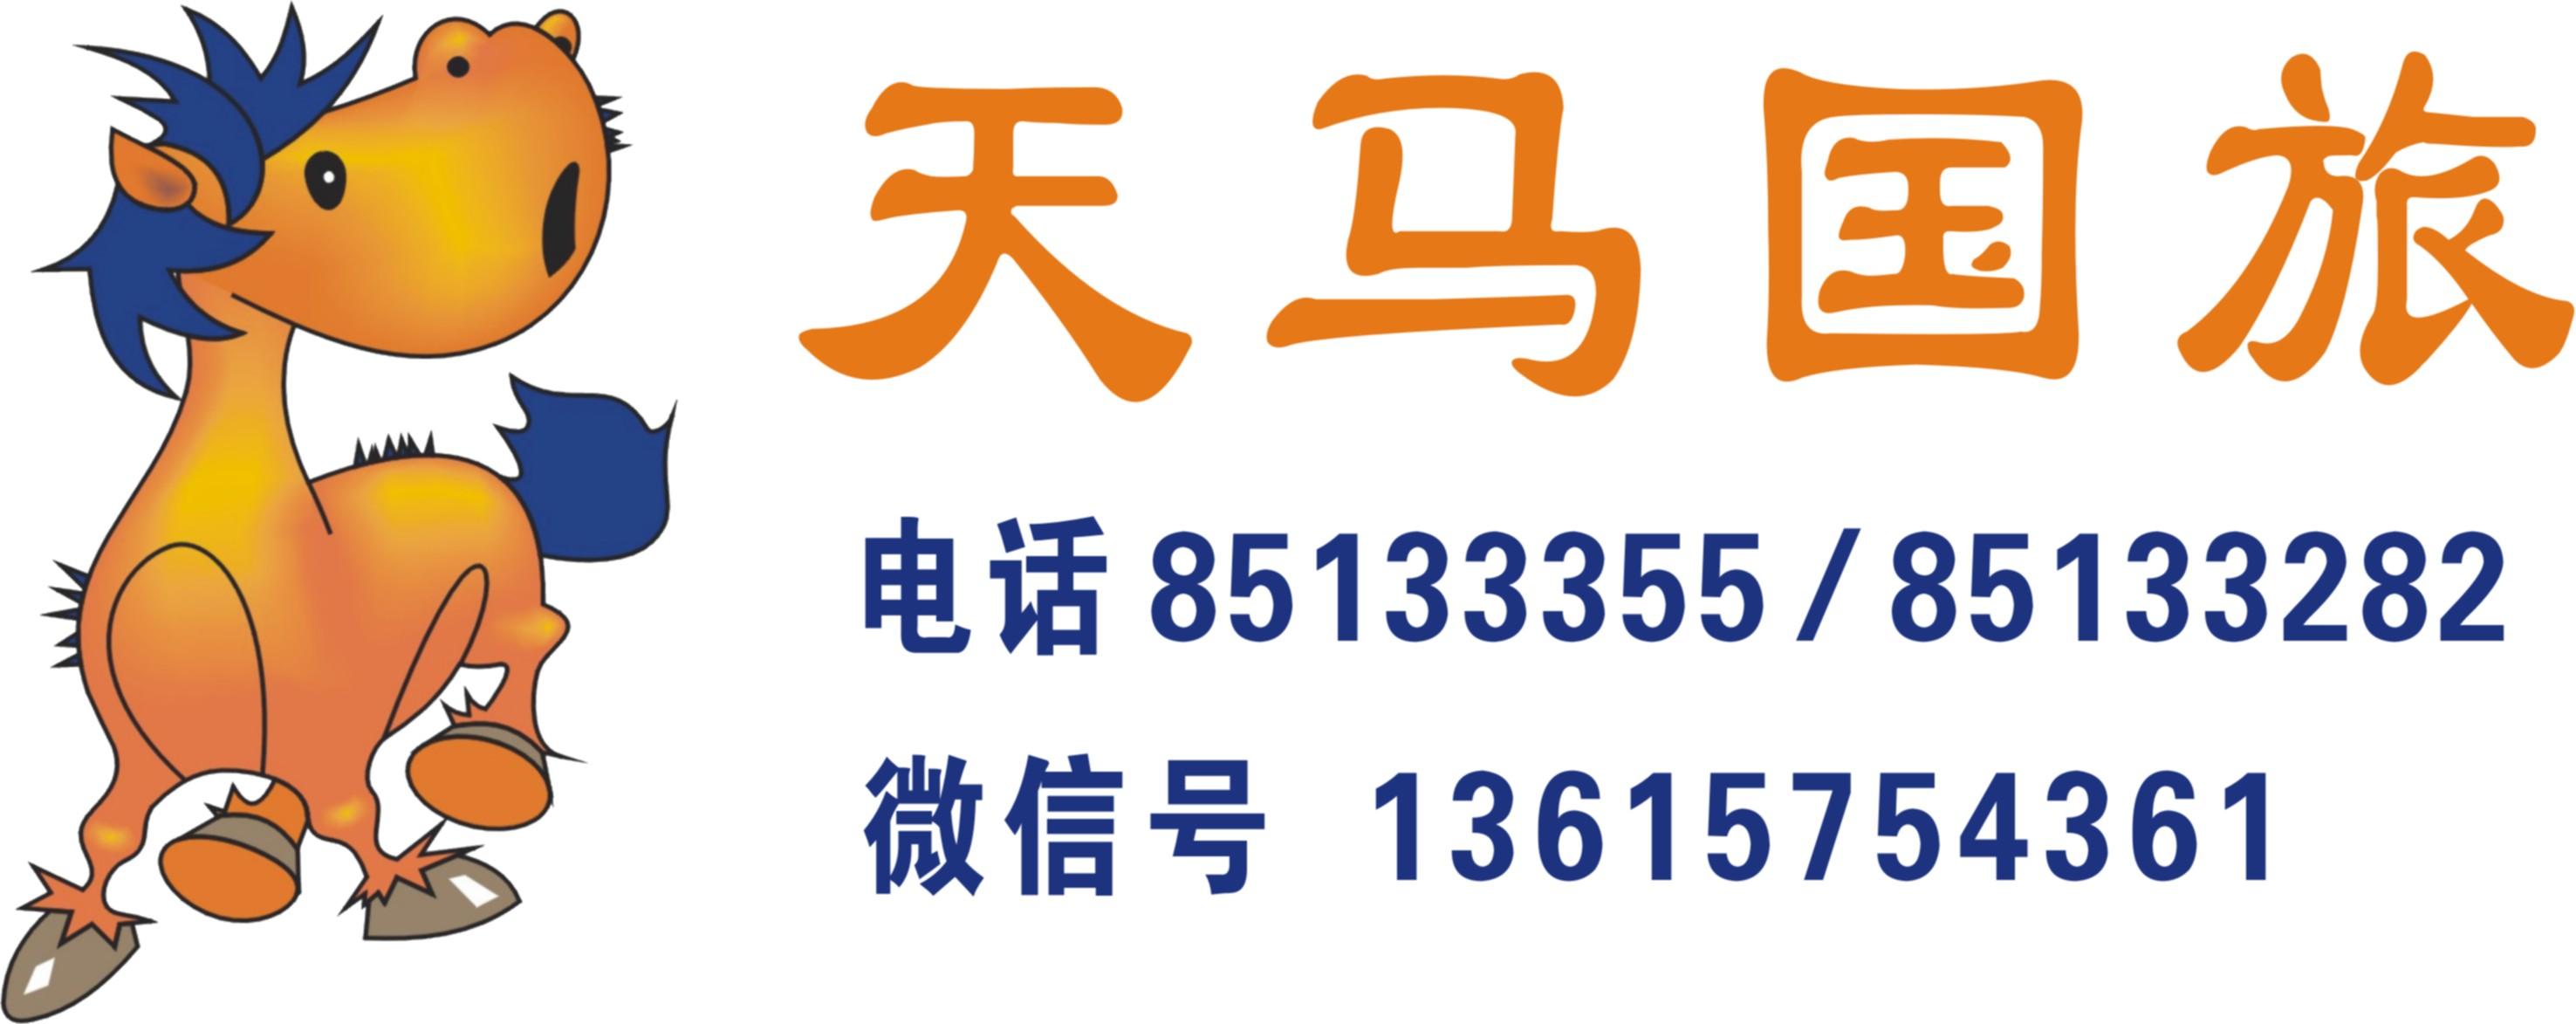 7月【腾美腾冲·直飞保山—瑞丽、芒市双飞6日】特色温泉